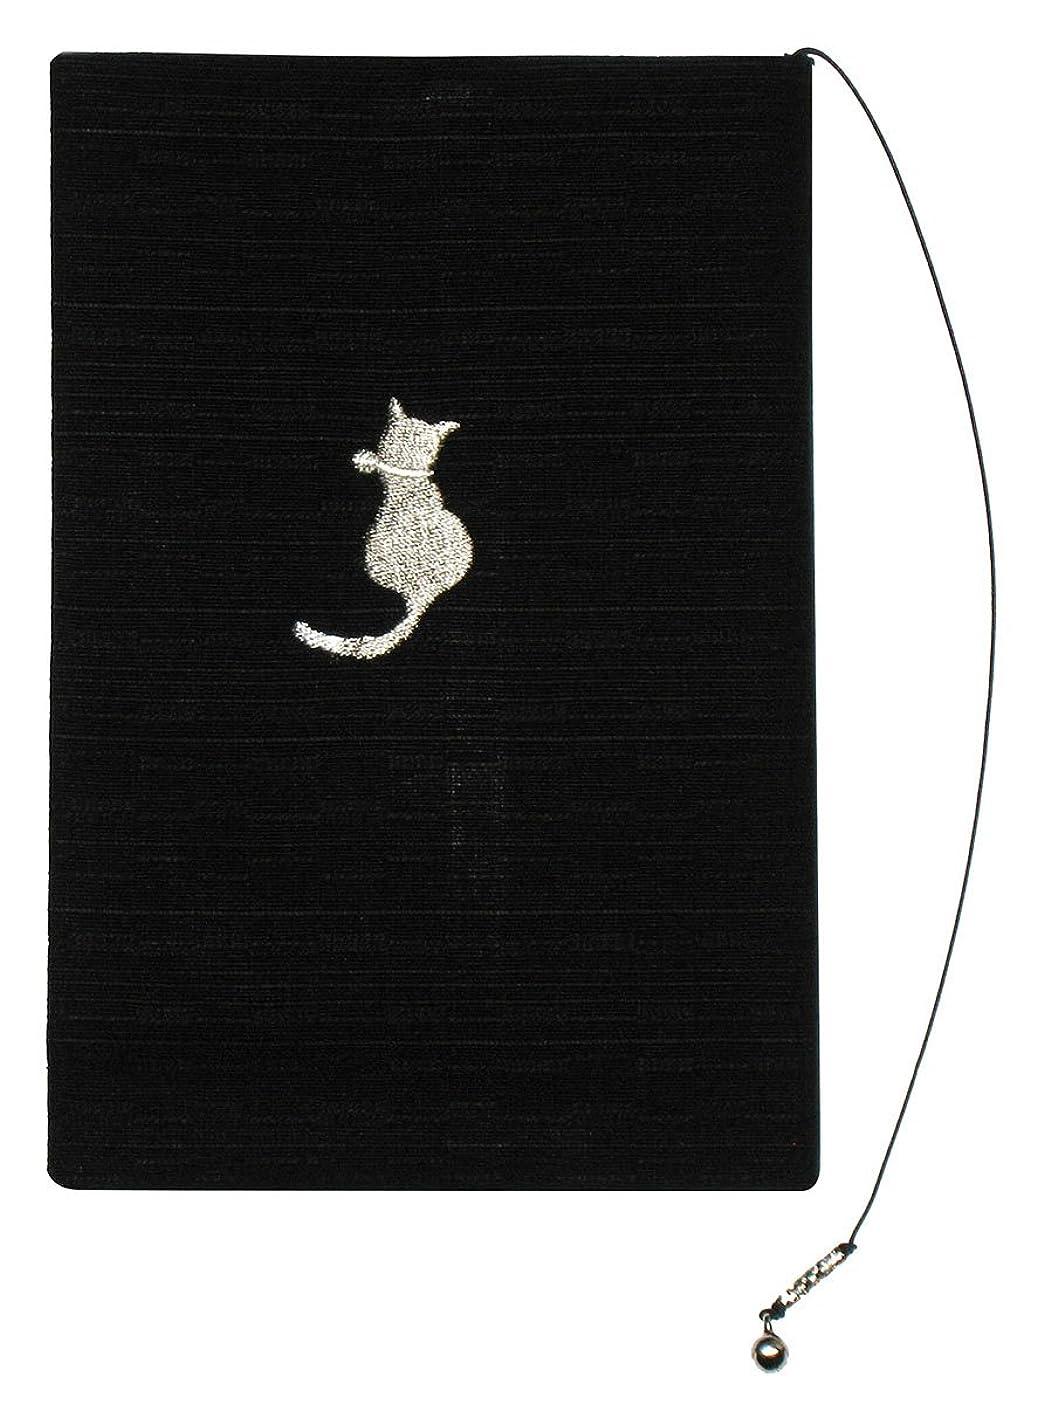 に勝るマントル下着[ドン?ヒラノ] ブックカバー 「うしろ猫」 新書判 ブラック 日本製 30009-BK